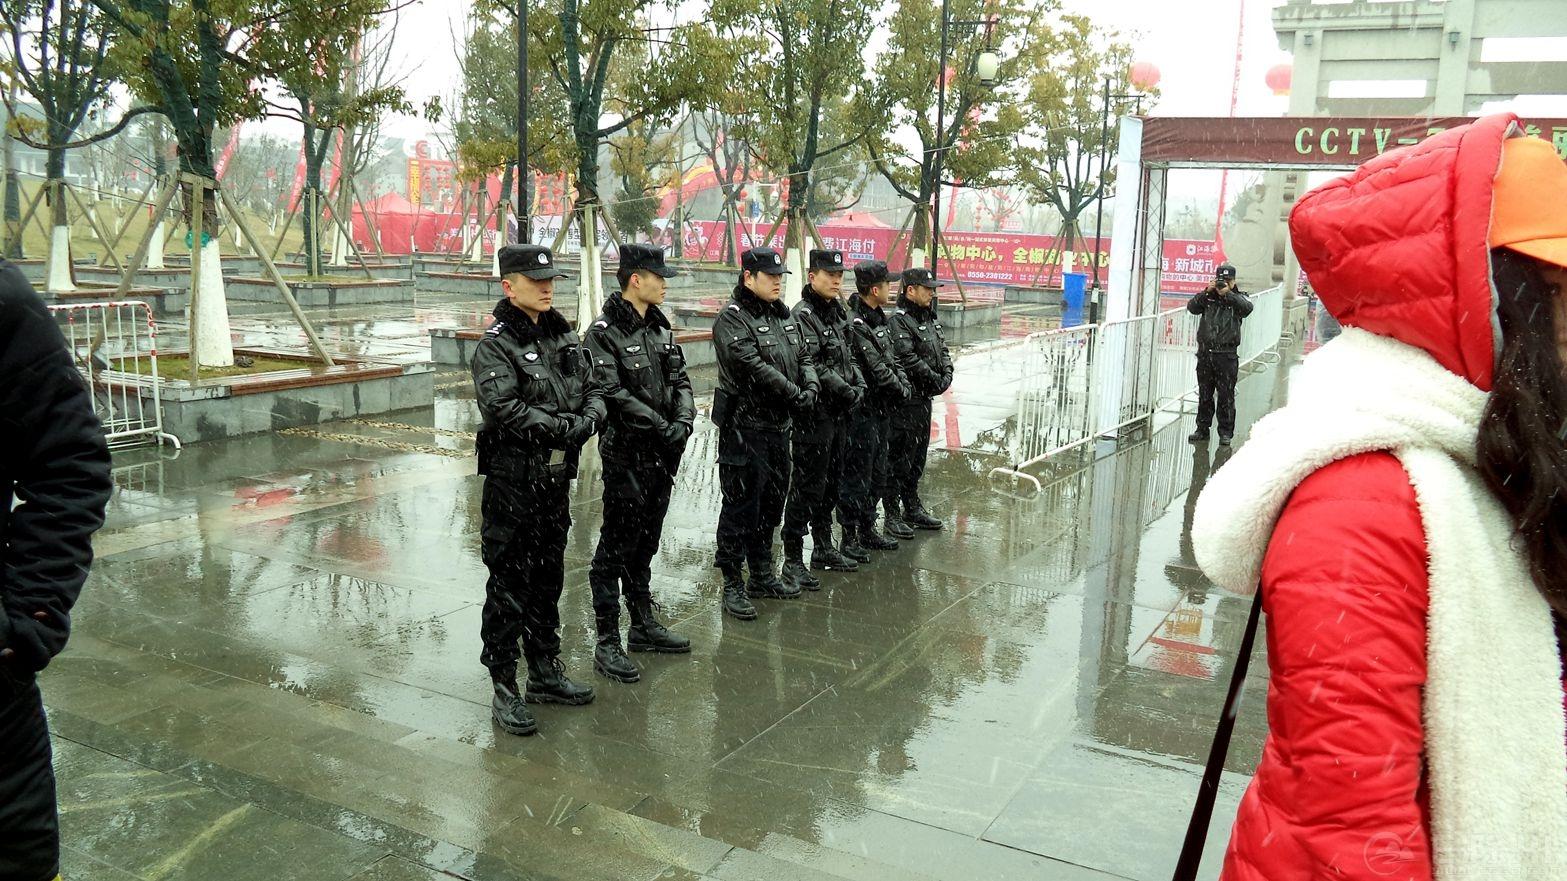 赞歌献给最可爱的人---默默无闻的人民警察